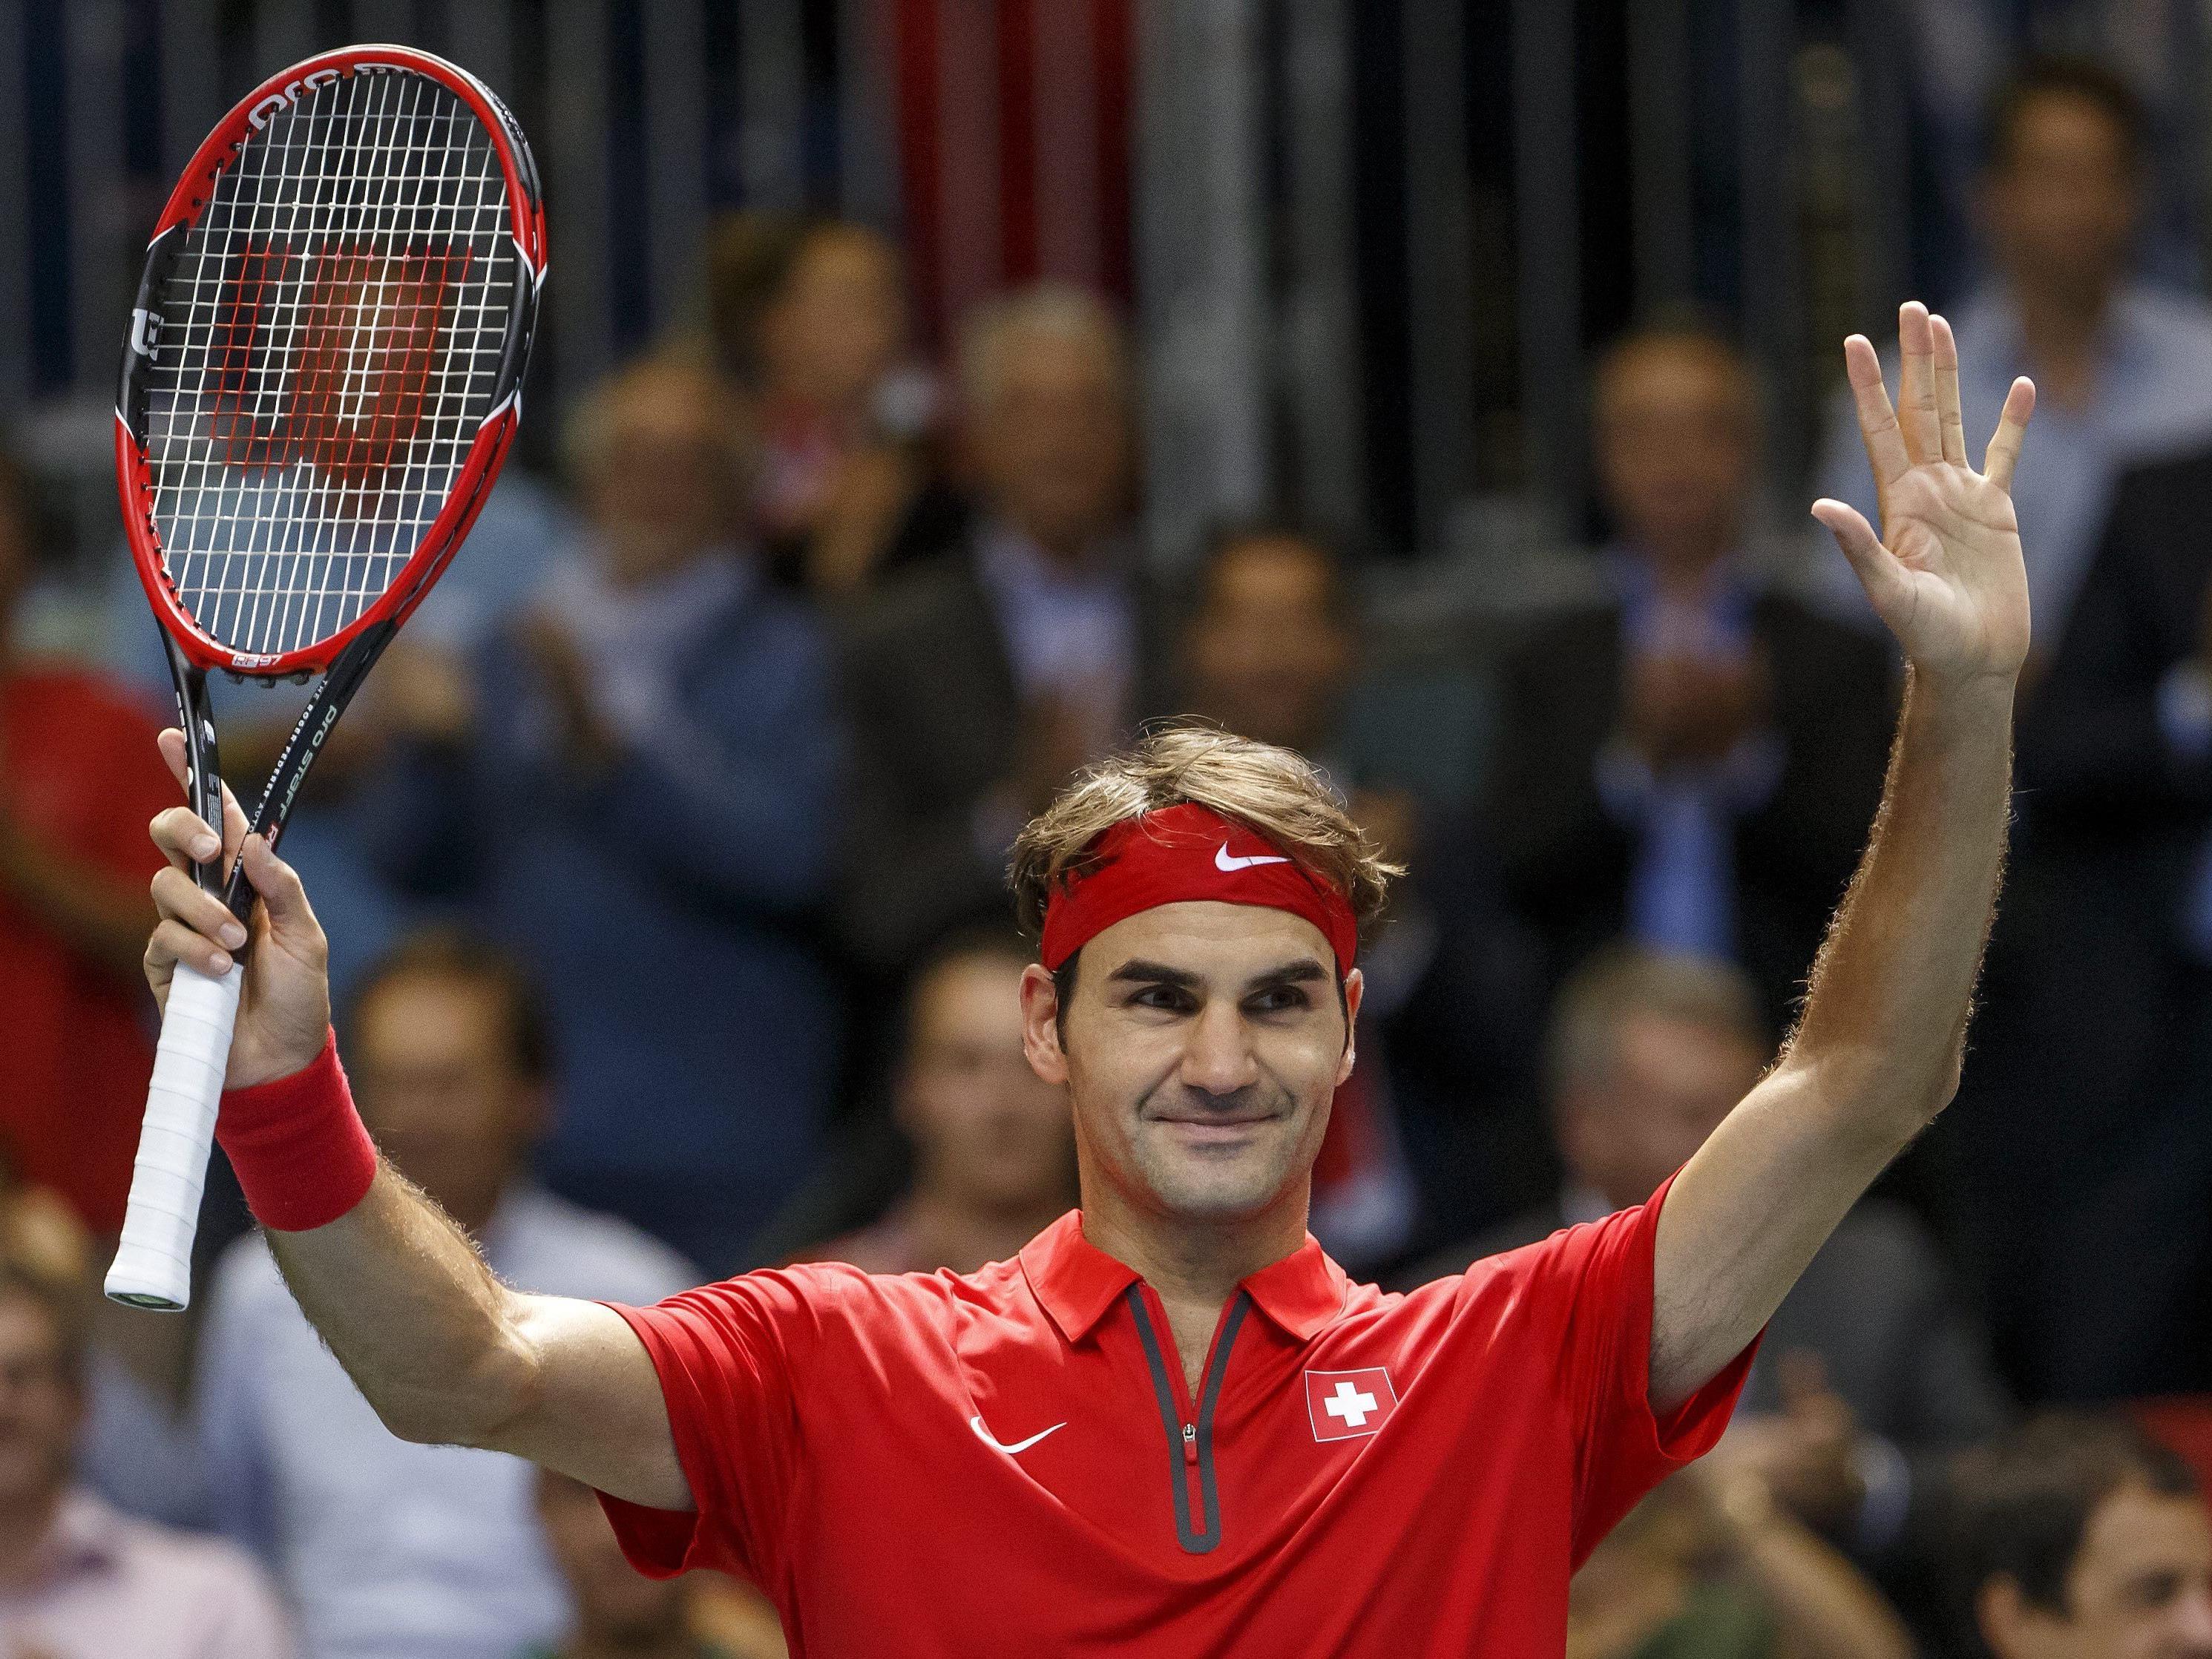 Edel-Fan auch nach elf Jahren Koma von Federer begeistert.